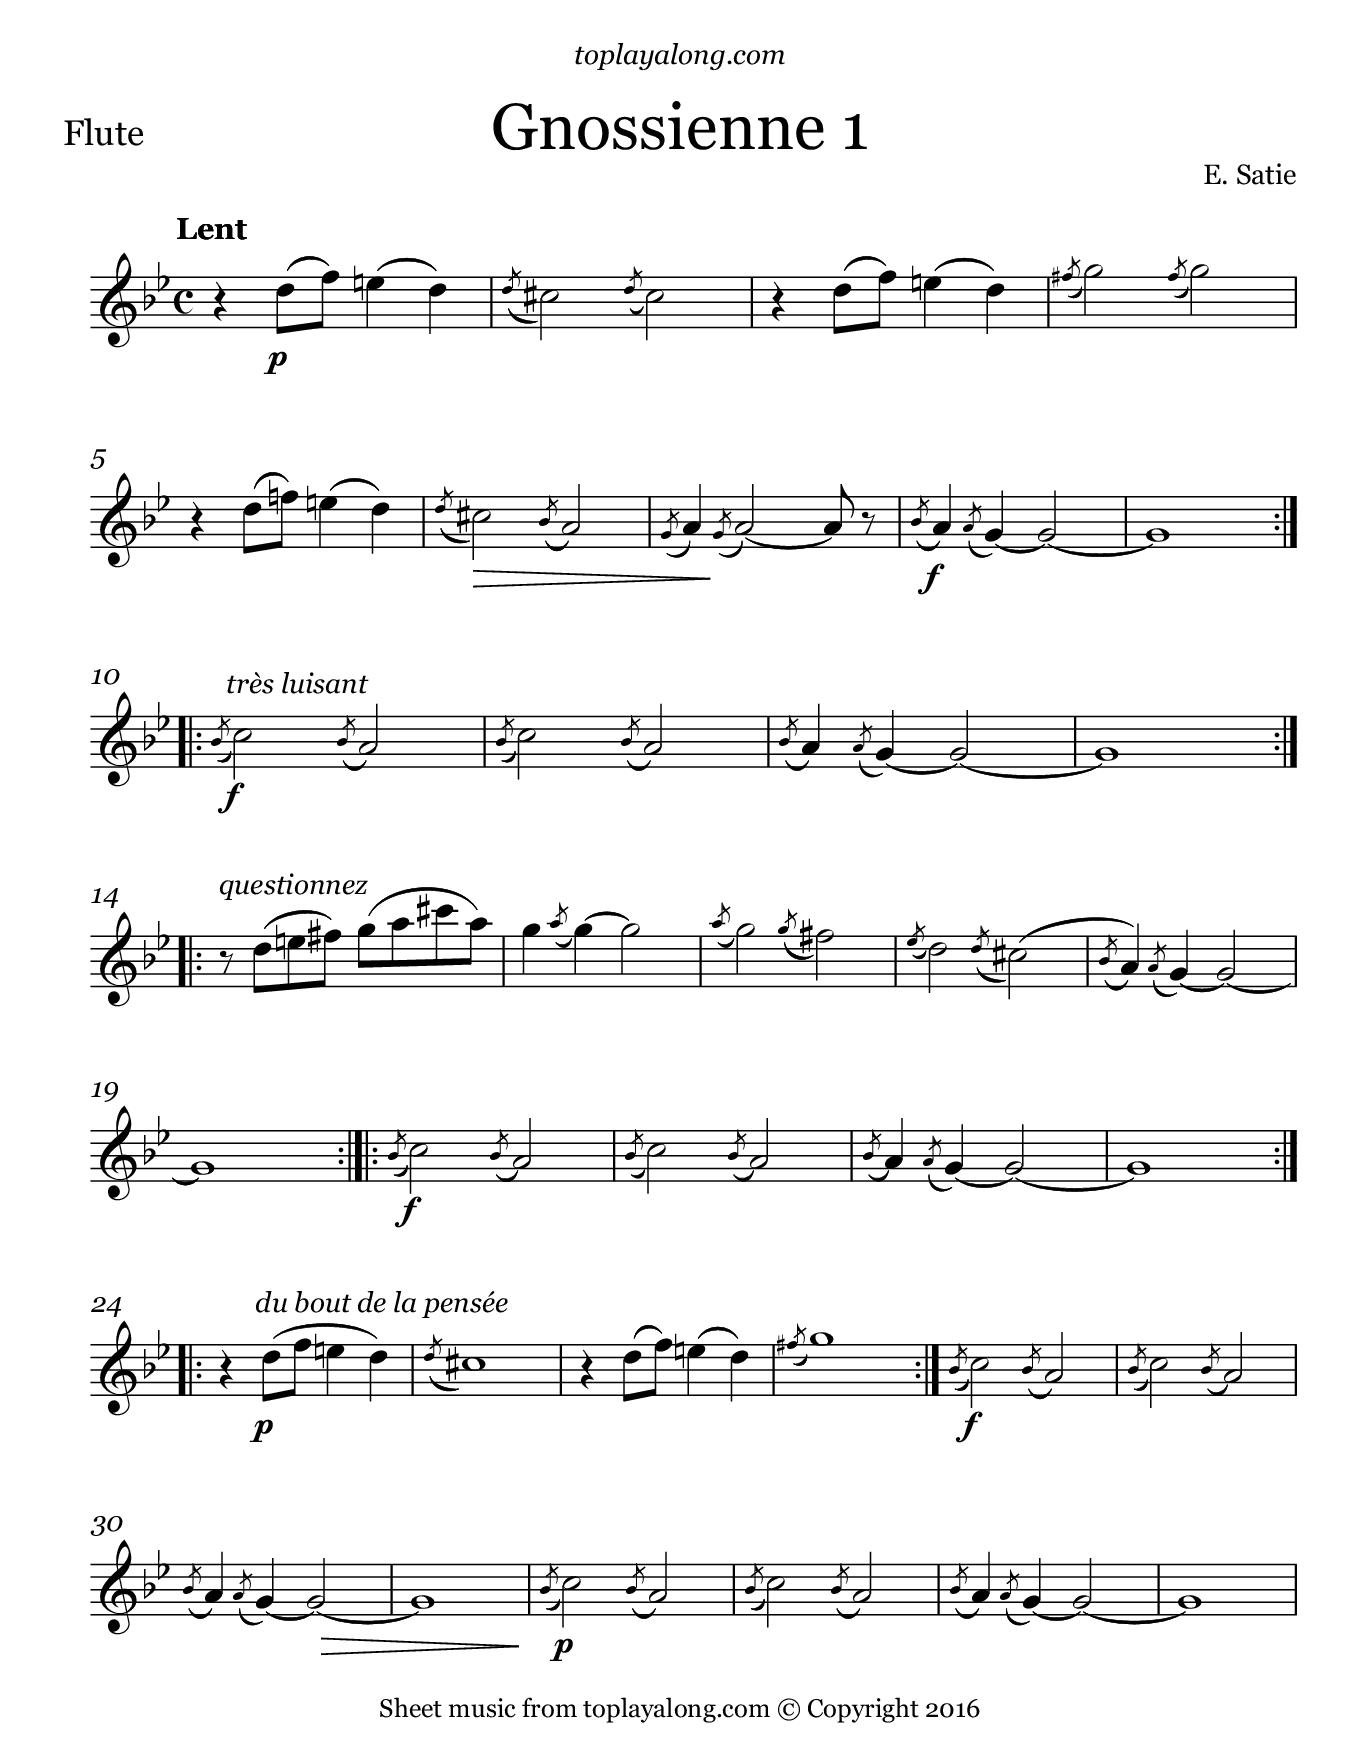 Gnossienne no.1 sheet music